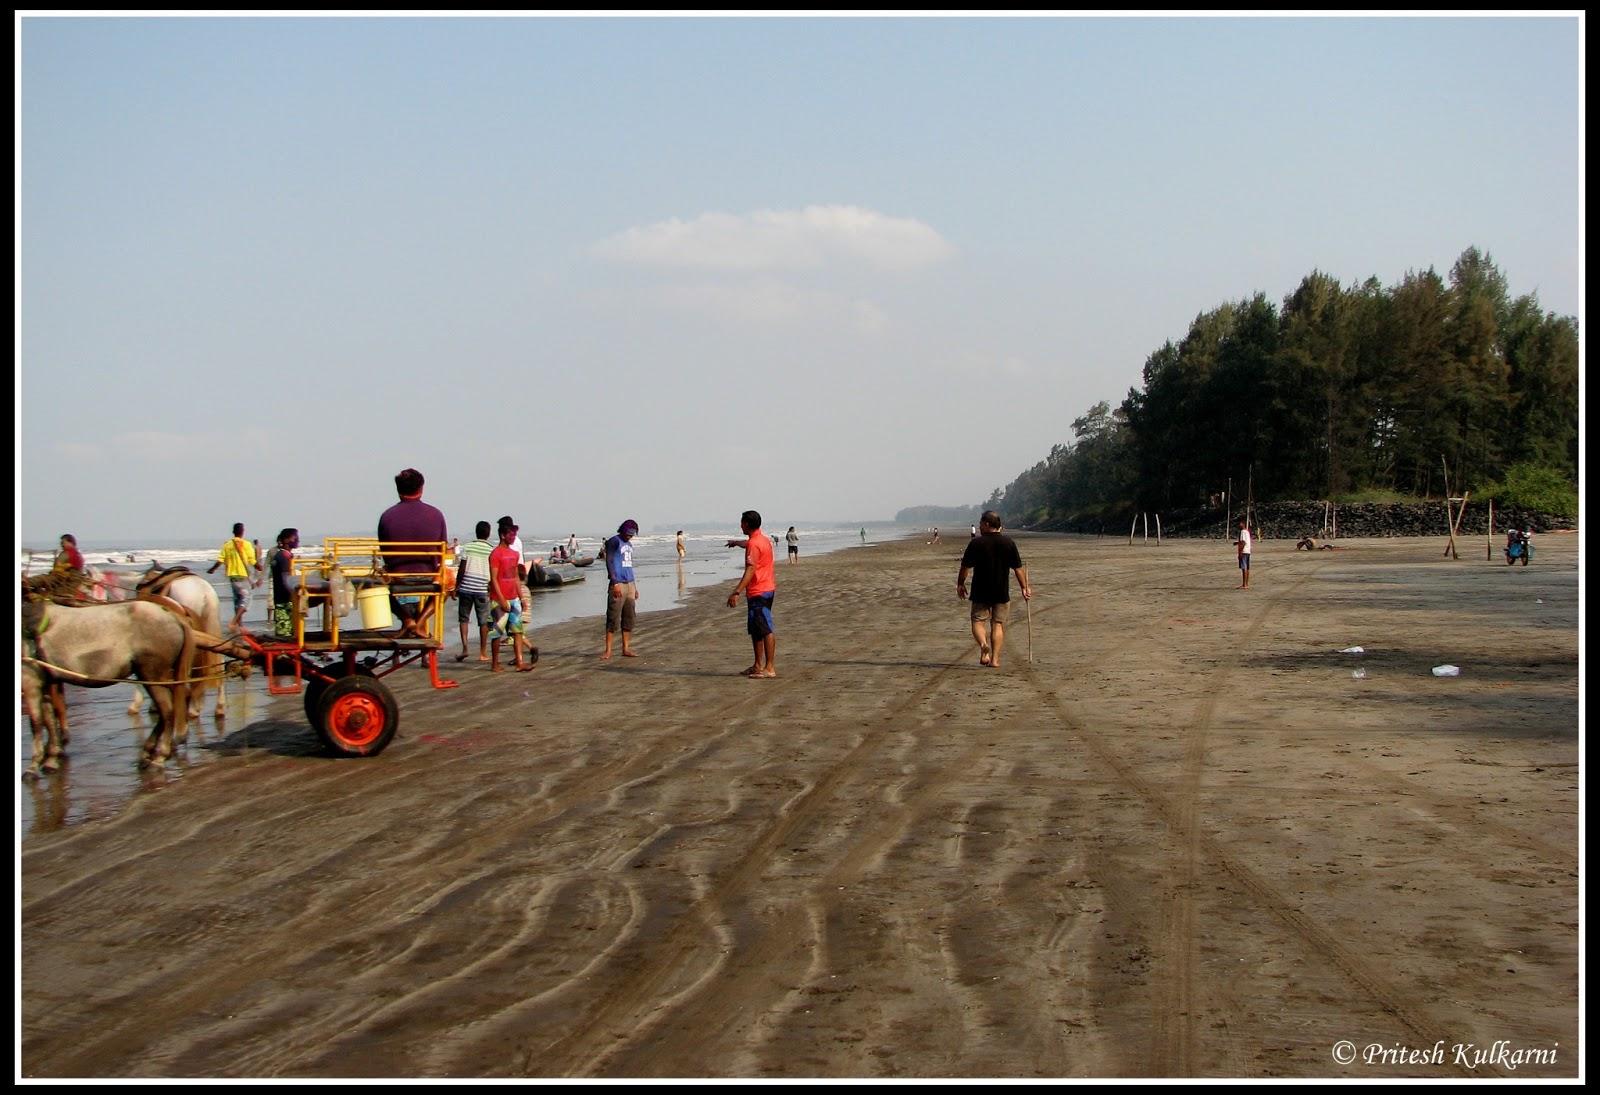 Travel Blogs Nagaon Amp Kashid Beach Trip